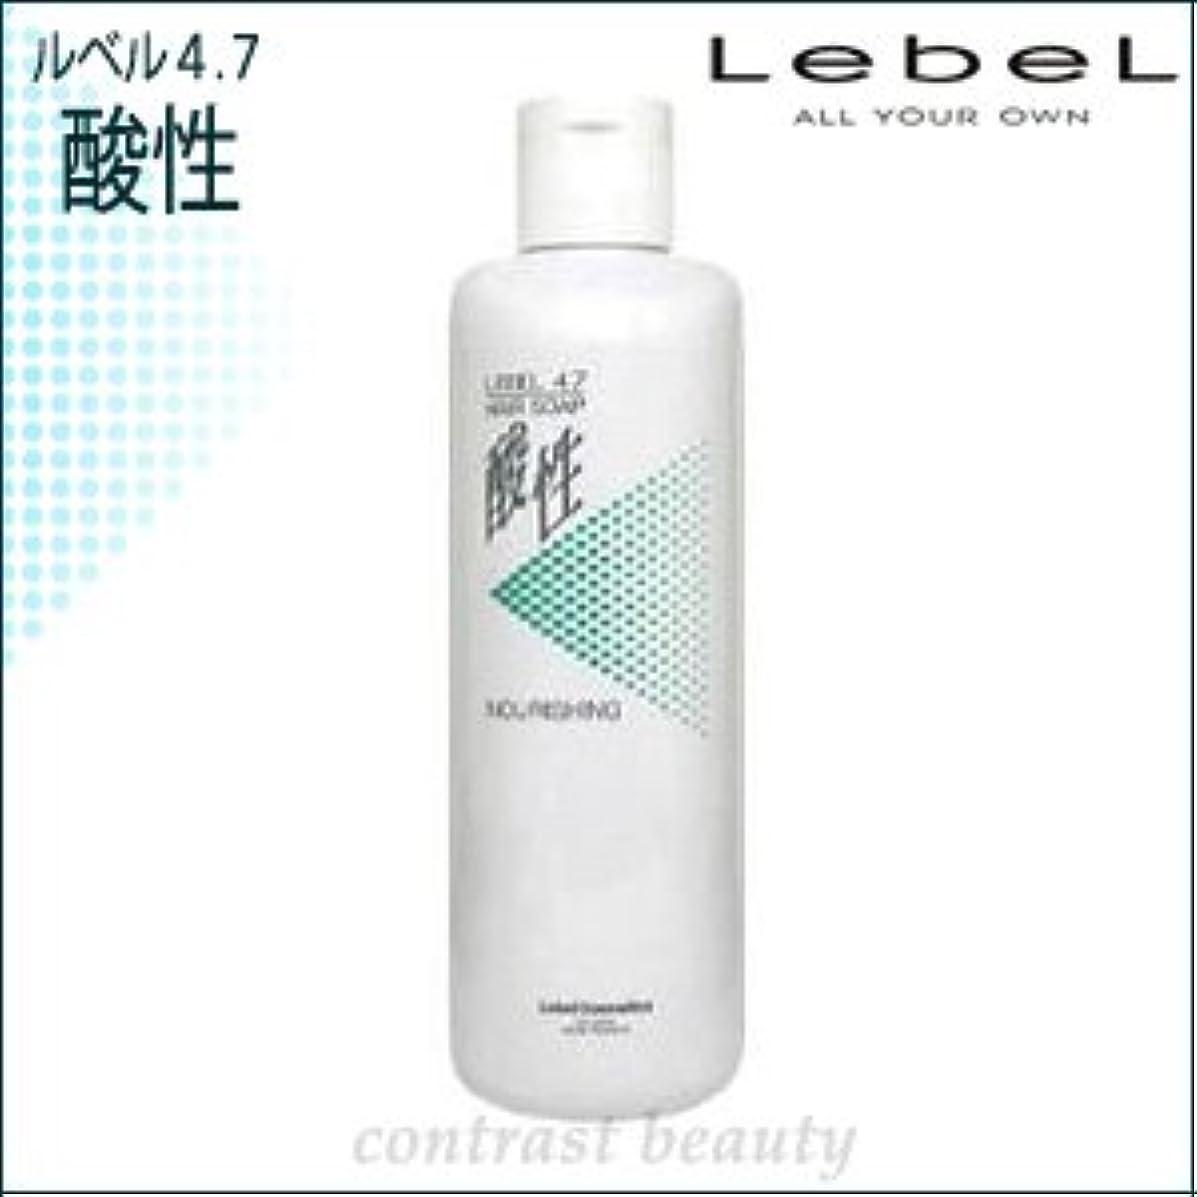 ダッシュプロフェッショナル子羊【X3個セット】 ルベル/LebeL 4.7酸性 ヘアソープ ナリシング 400ml